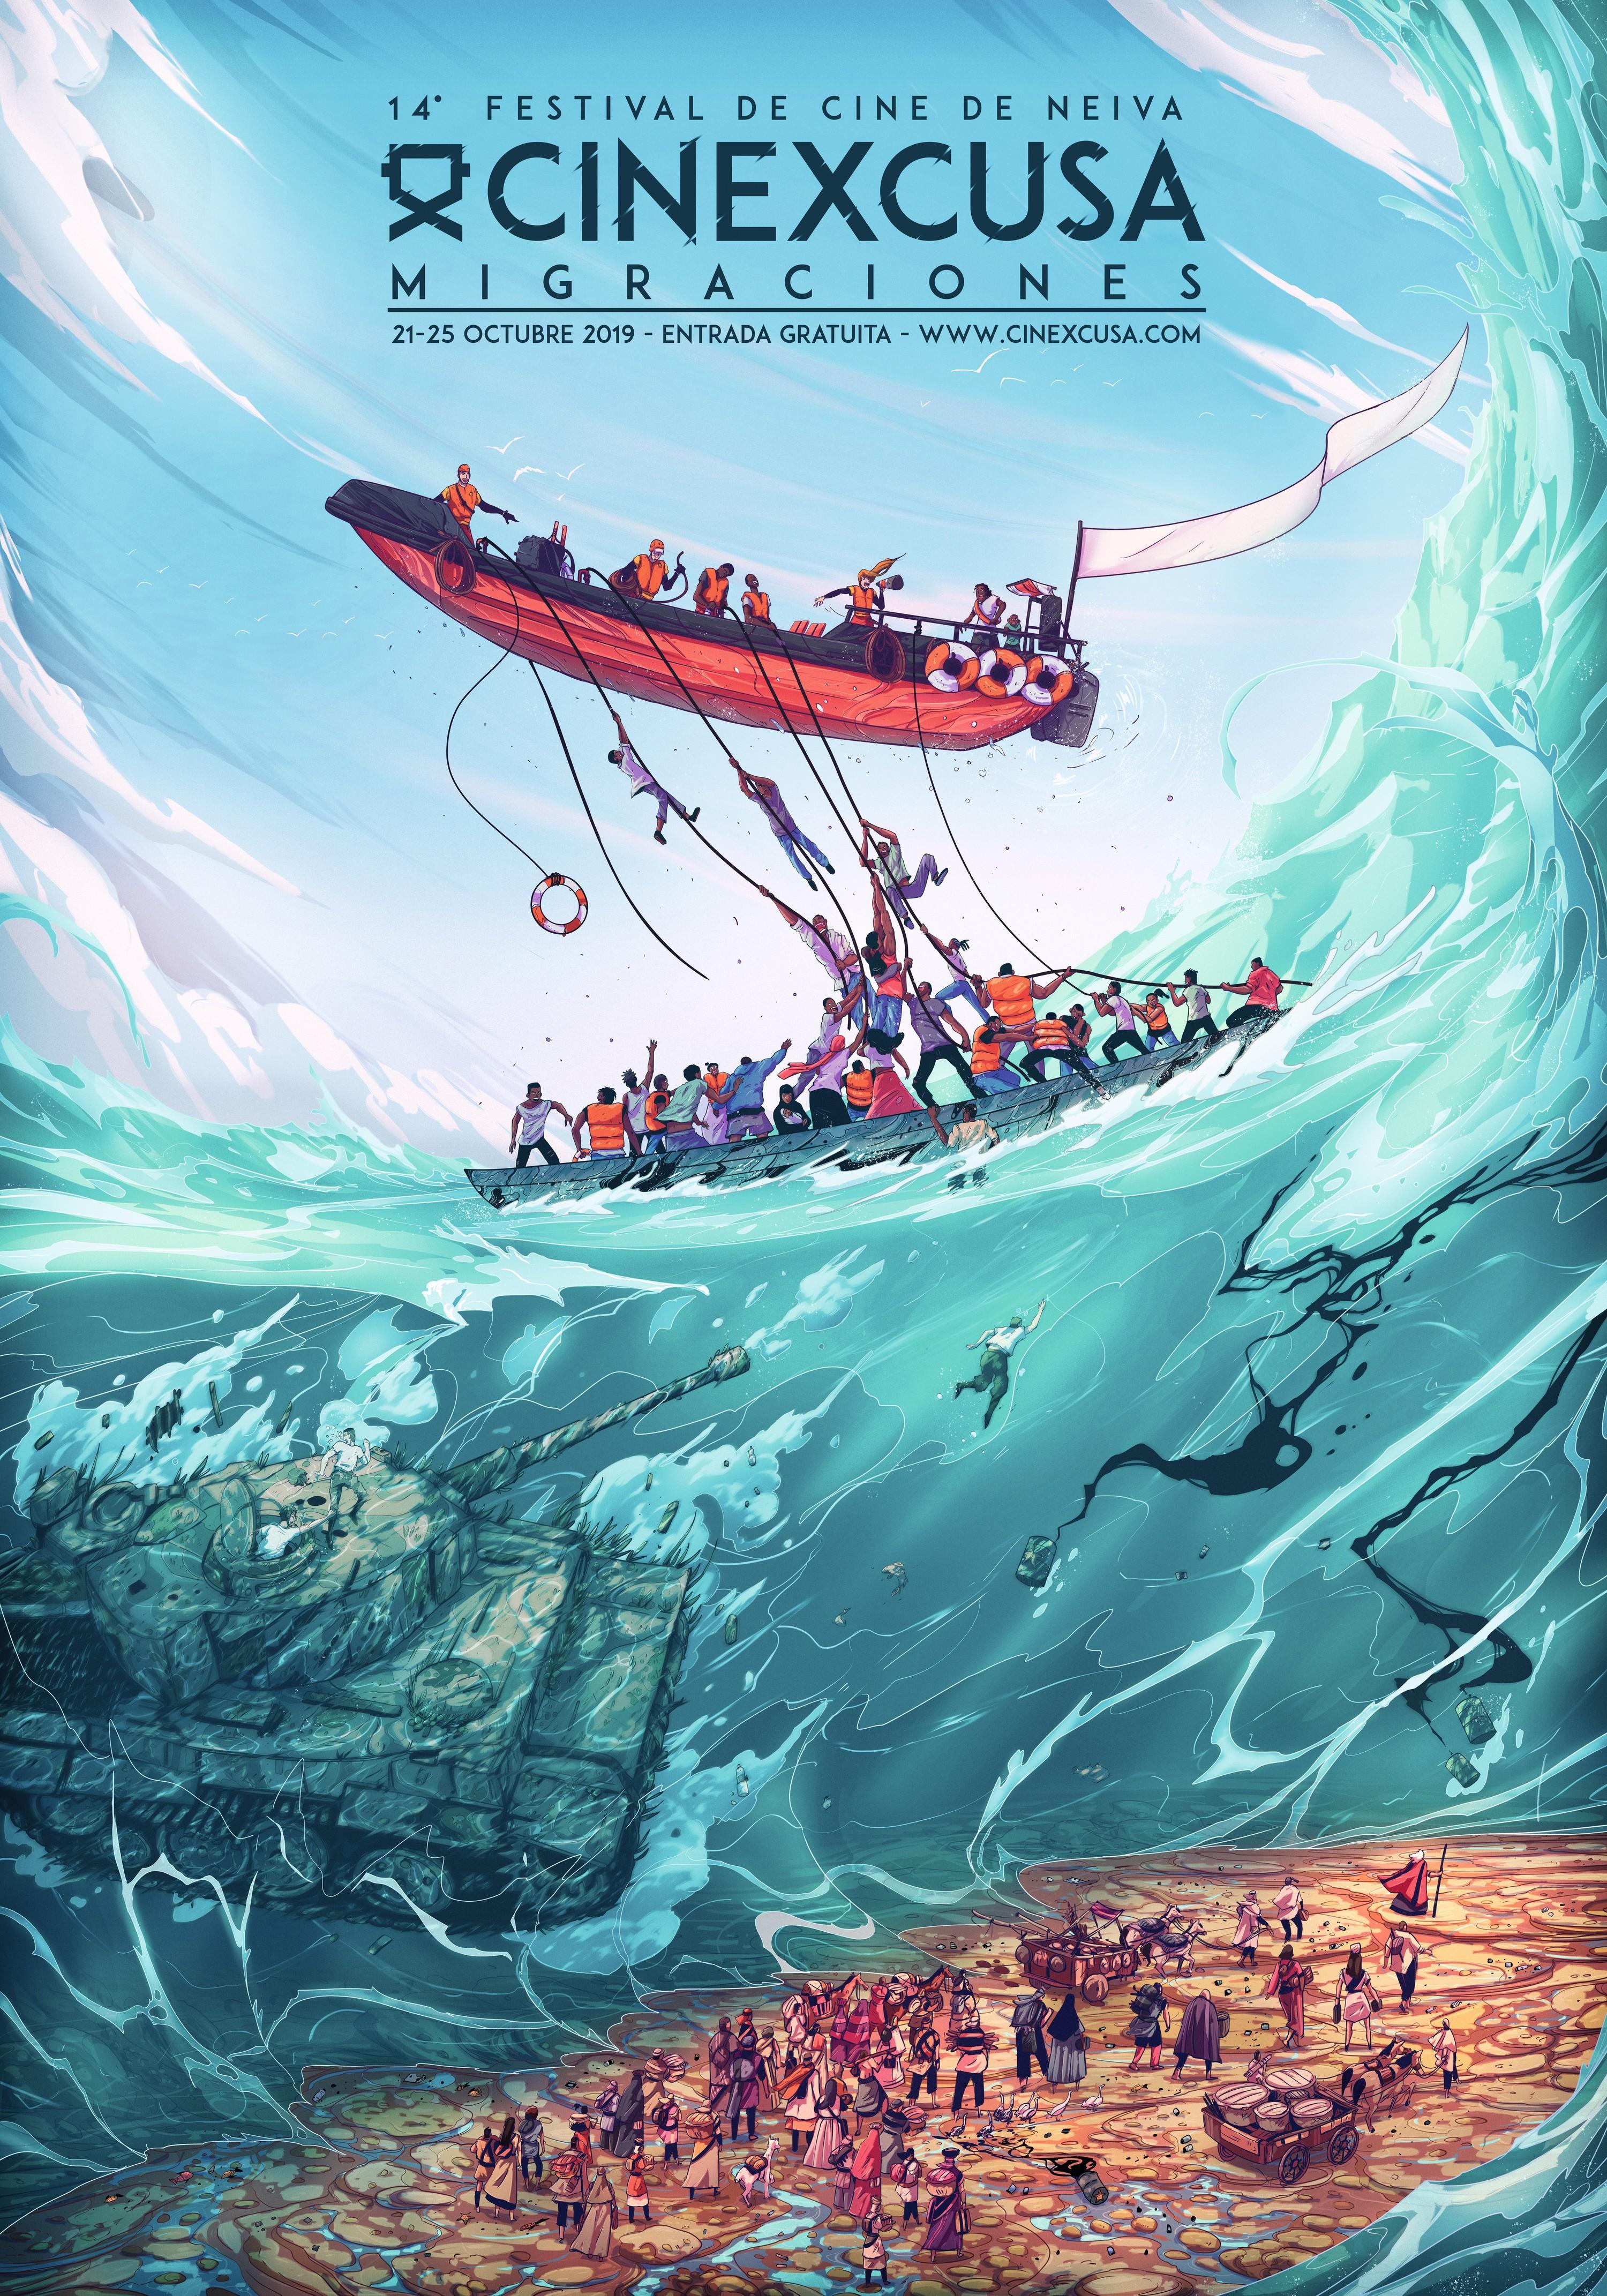 Voyager Illustration para el festival de Cine Cinexcusa, 2019